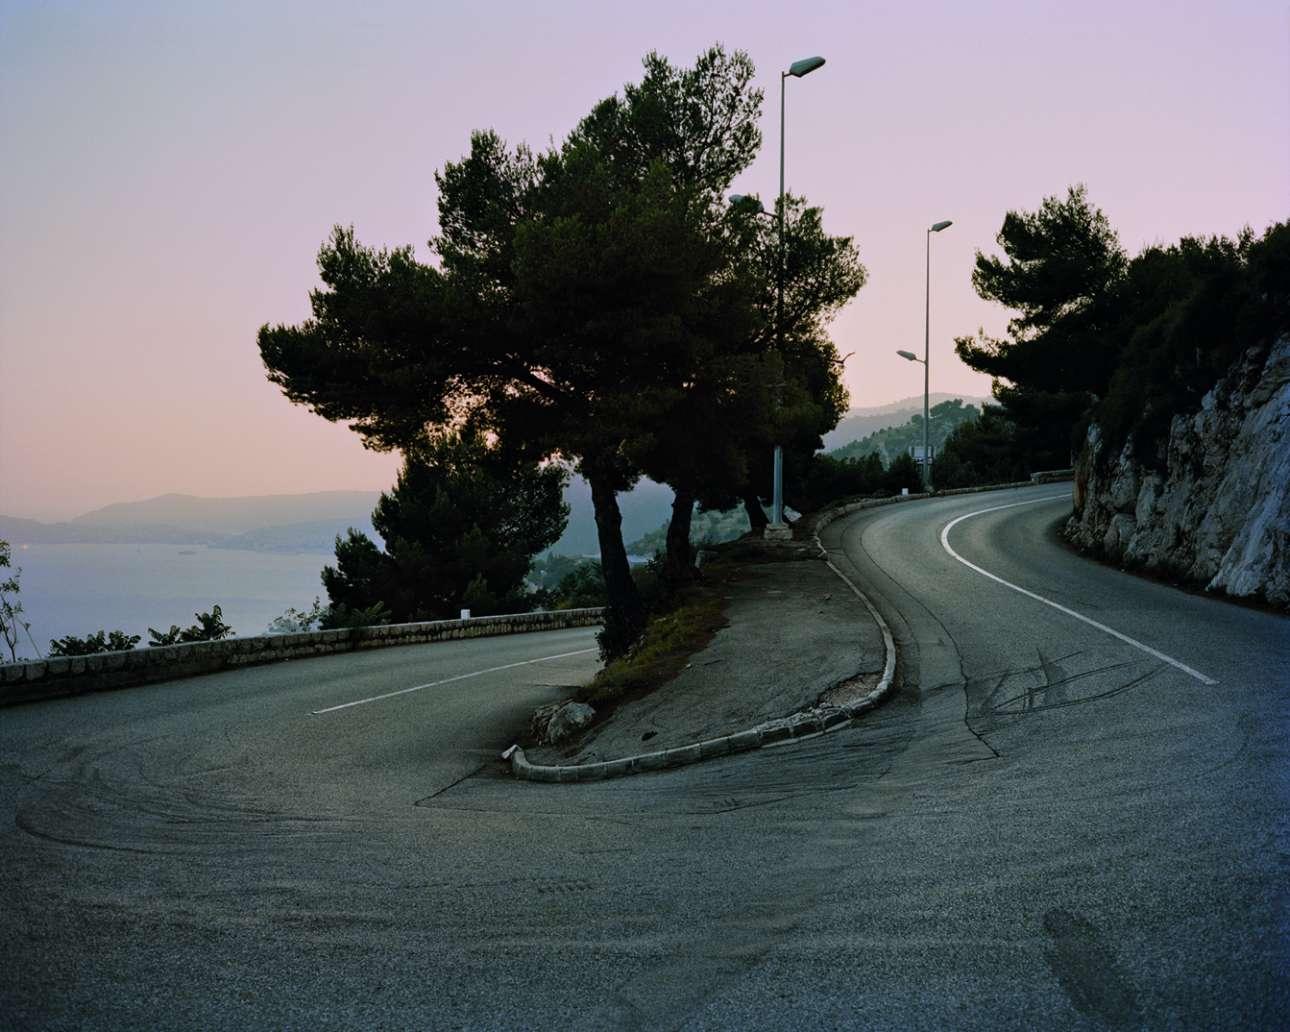 Γκρέις Κέλι, Route de la Turbie, Μονακό, 13 Σεπτεμβρίου 1982. Η Γκρέις Κέλι είναι μαζί με τη κόρη της Στεφανί και πηγαίνει προς Παρίσι, όταν σε μία στροφή της «φεύγει» το Rover P6 3500. Το αυτοκίνητο πέφτει πάνω σε ένα πάρκινγκ σπιτιού, 40 μέτρα πιο κάτω. Ενώ η Στεφανί δεν έχει ούτε μία γραντζουνιά, η πριγκίπισσα του Μονακό πεθαίνει την επόμενη μέρα από εγκεφαλική αιμορραγία